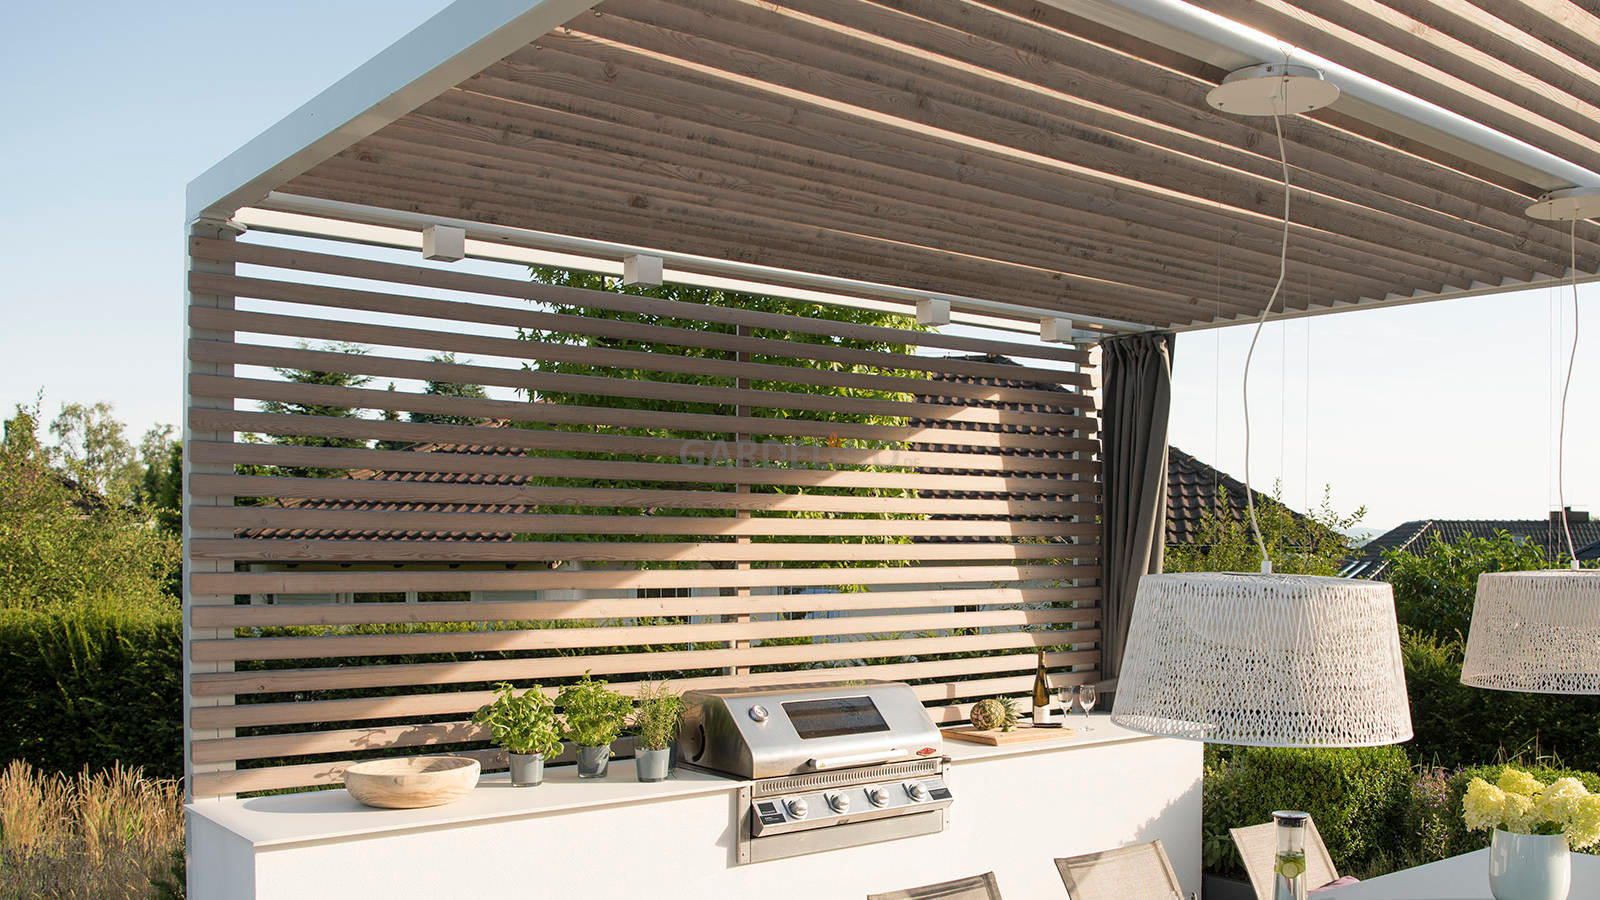 Outdoorküche Mit Spüle Zubehör : Outdoorküche planen tipps rund um den freiluft kochplatz mein